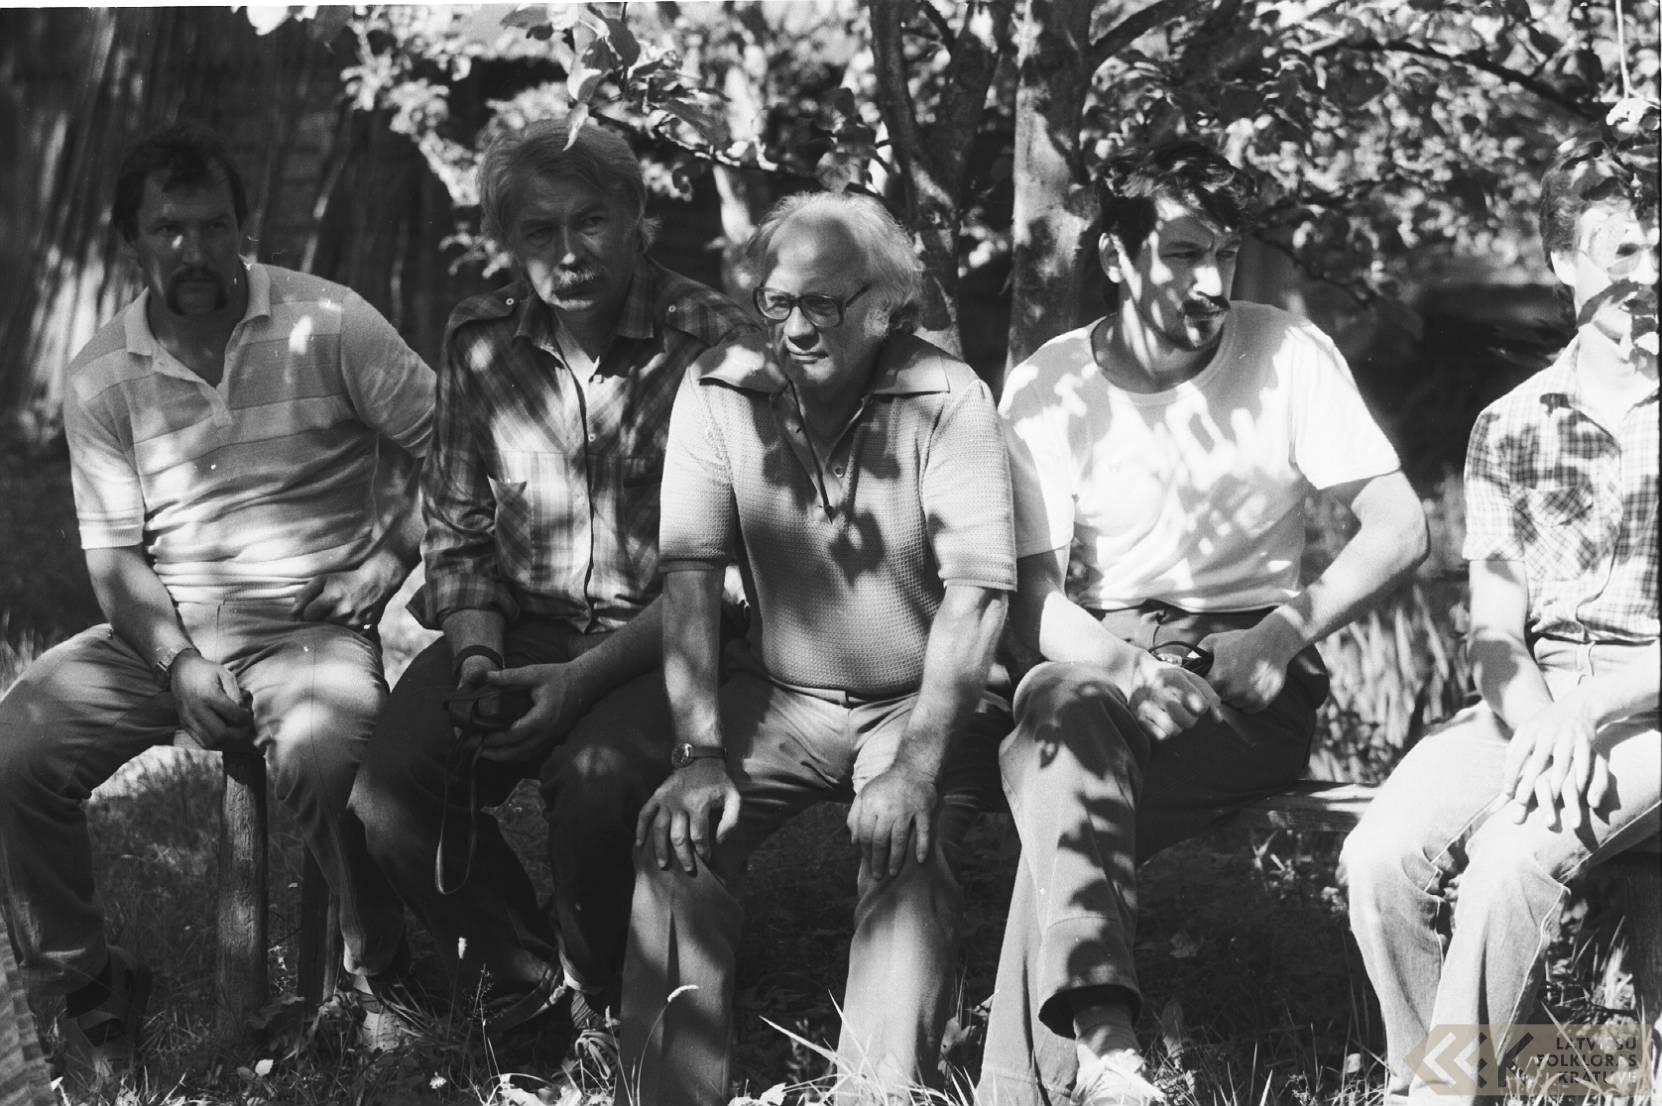 Šoferis Māris, Harijs Bondars, folklorists Jānis Rozenbergs un režisors Dainis Kļava